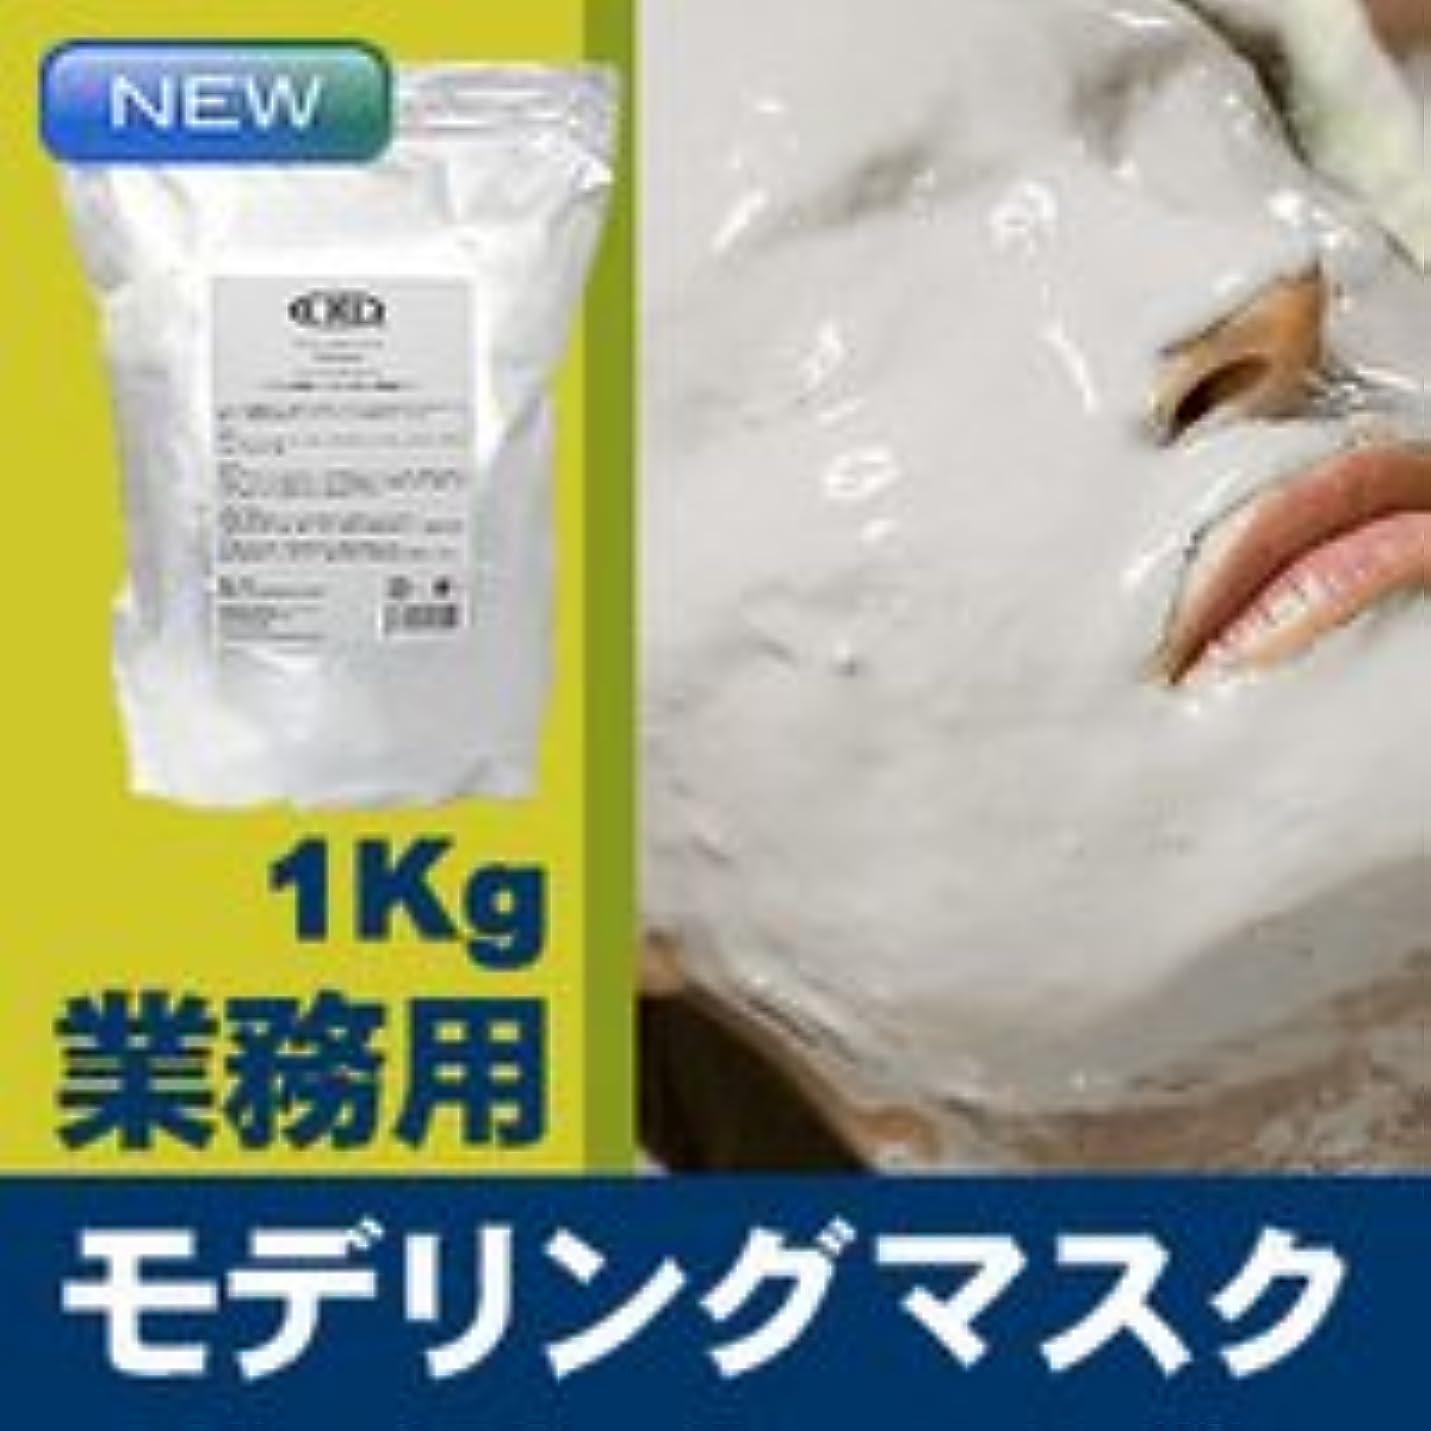 不均一すすり泣き一目モデリングマスク 1Kg 18種類のアミノ酸配合(シャイニングシルバー) / フェイスマスク?パック 【ピールオフマスク】